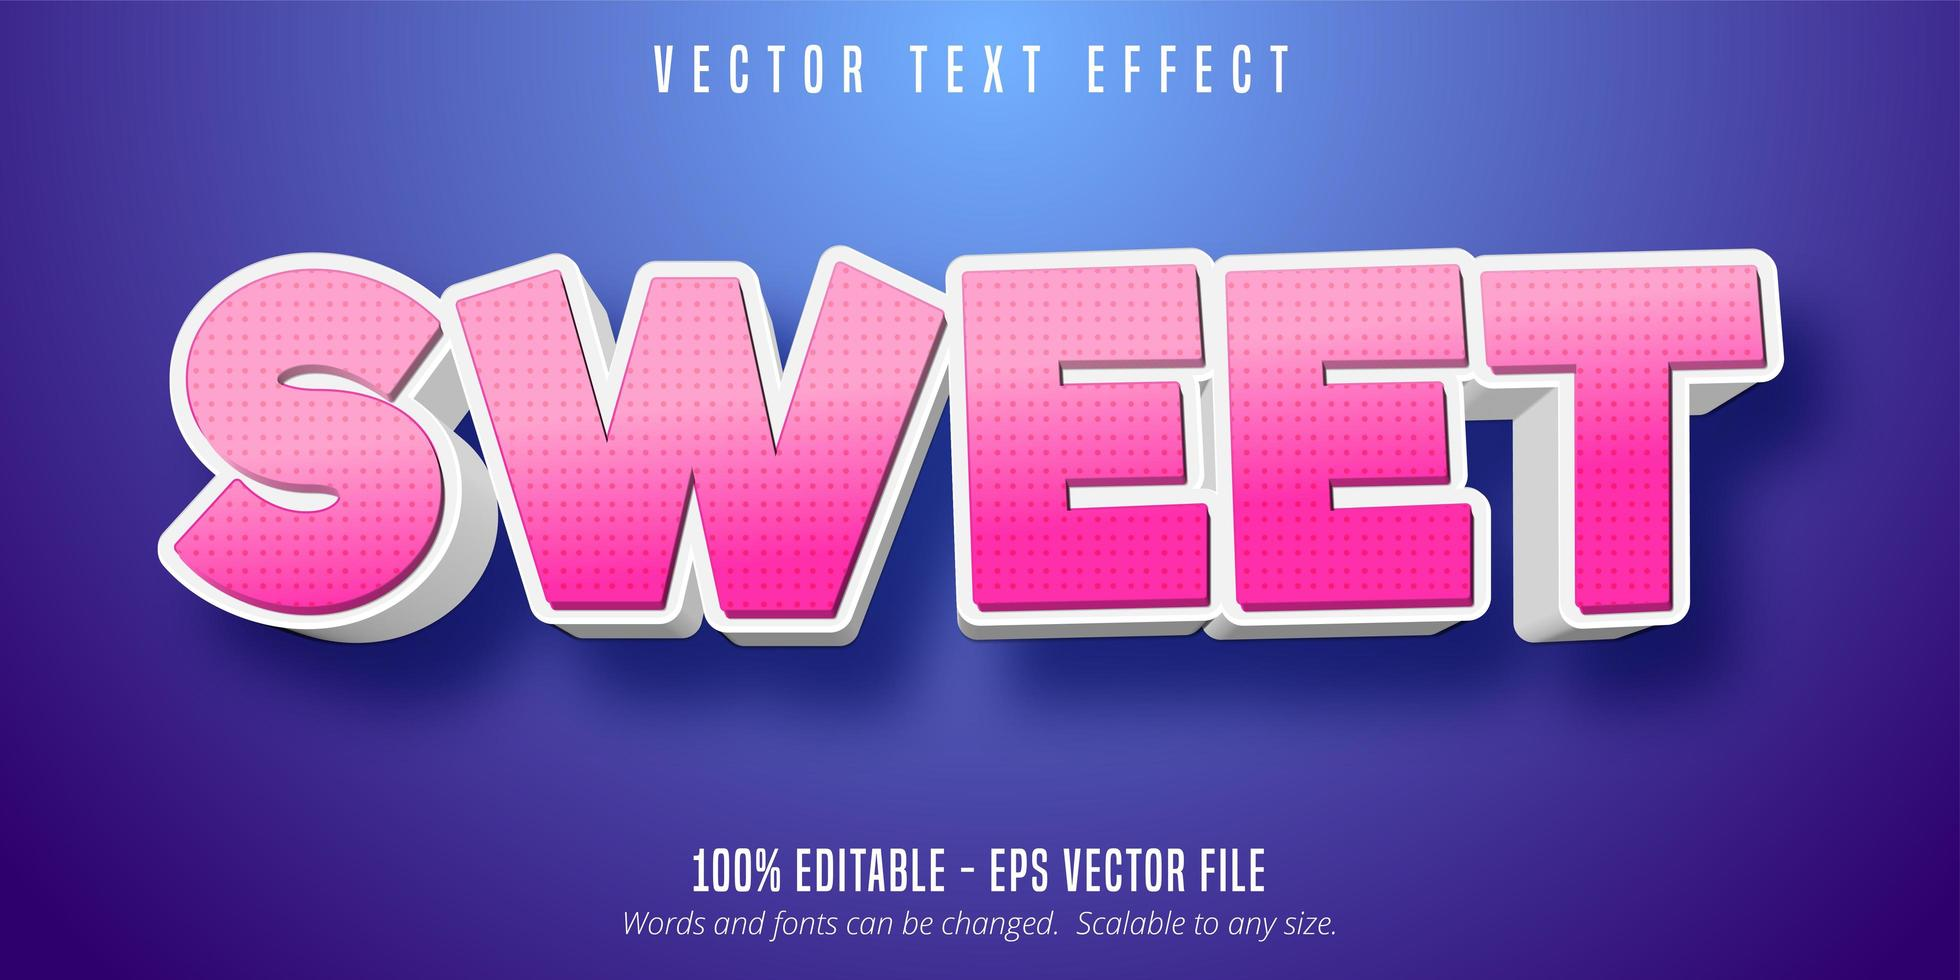 effet de texte modifiable de style dessin animé vecteur